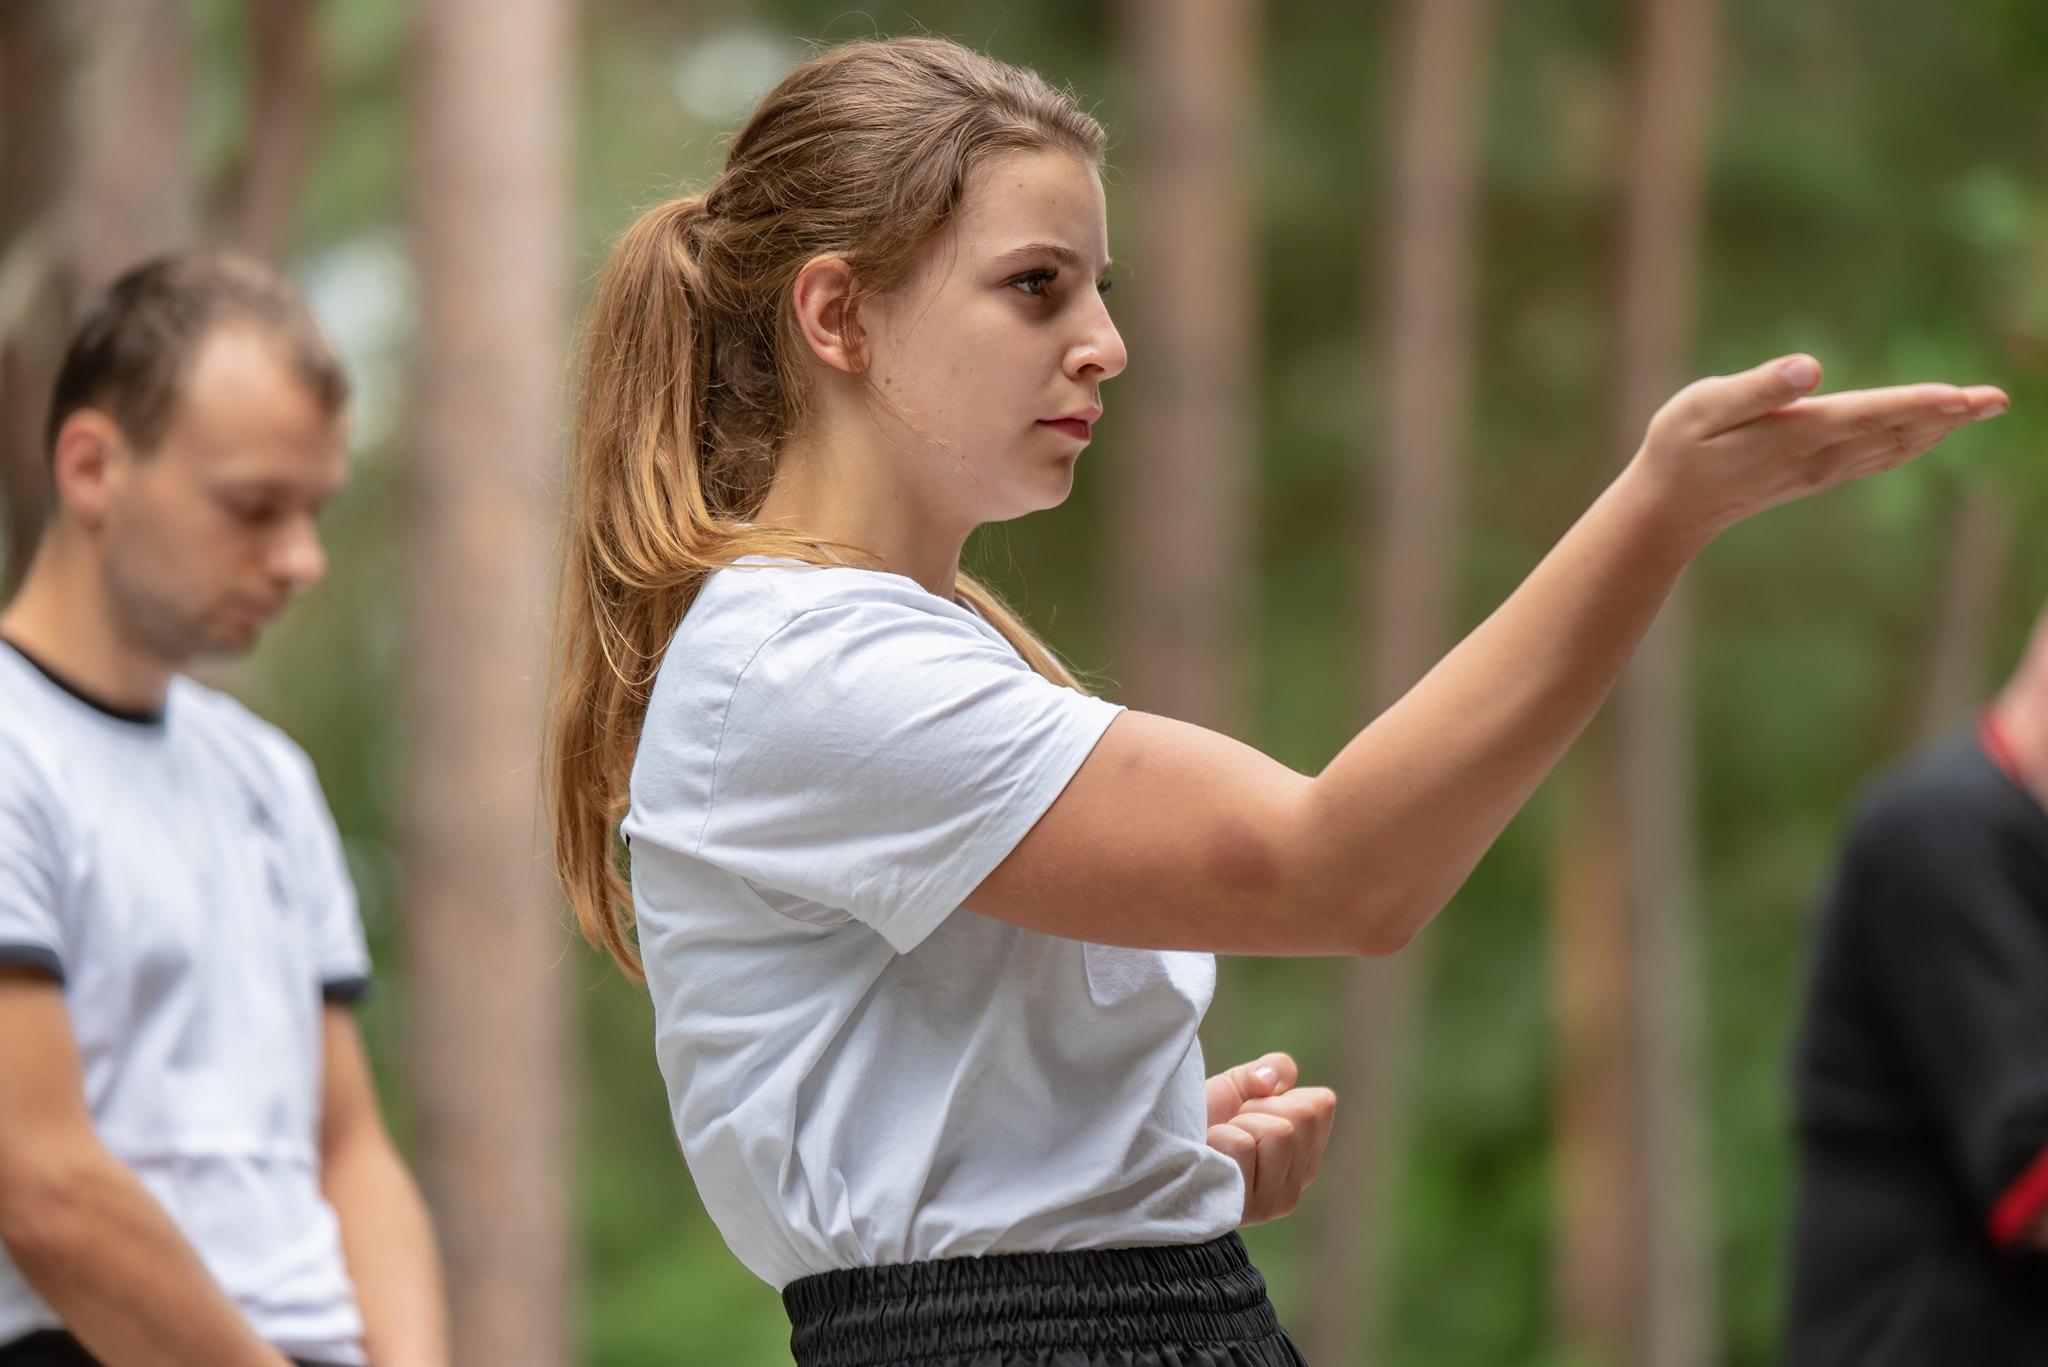 Obóz letni Ptaszyniec 2019 (12-16.08.2019) - 17